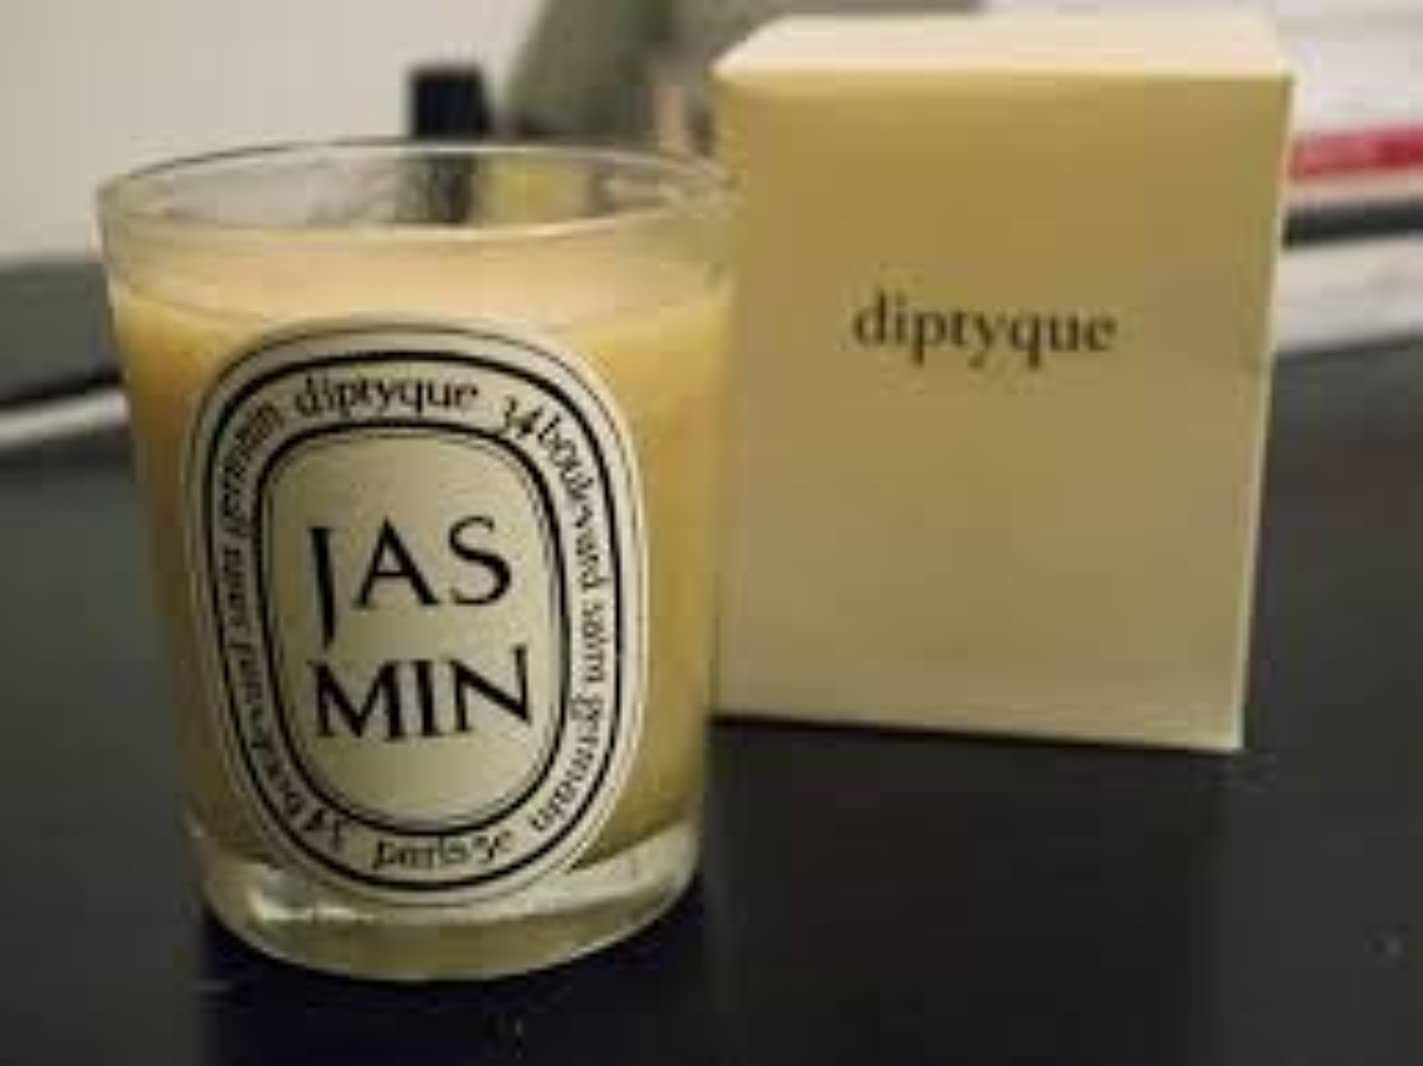 ミキサー書くどうやってDiptyque Jasmin Candle (ディプティック ジャスミン キャンドル) 2.4 oz (70g)